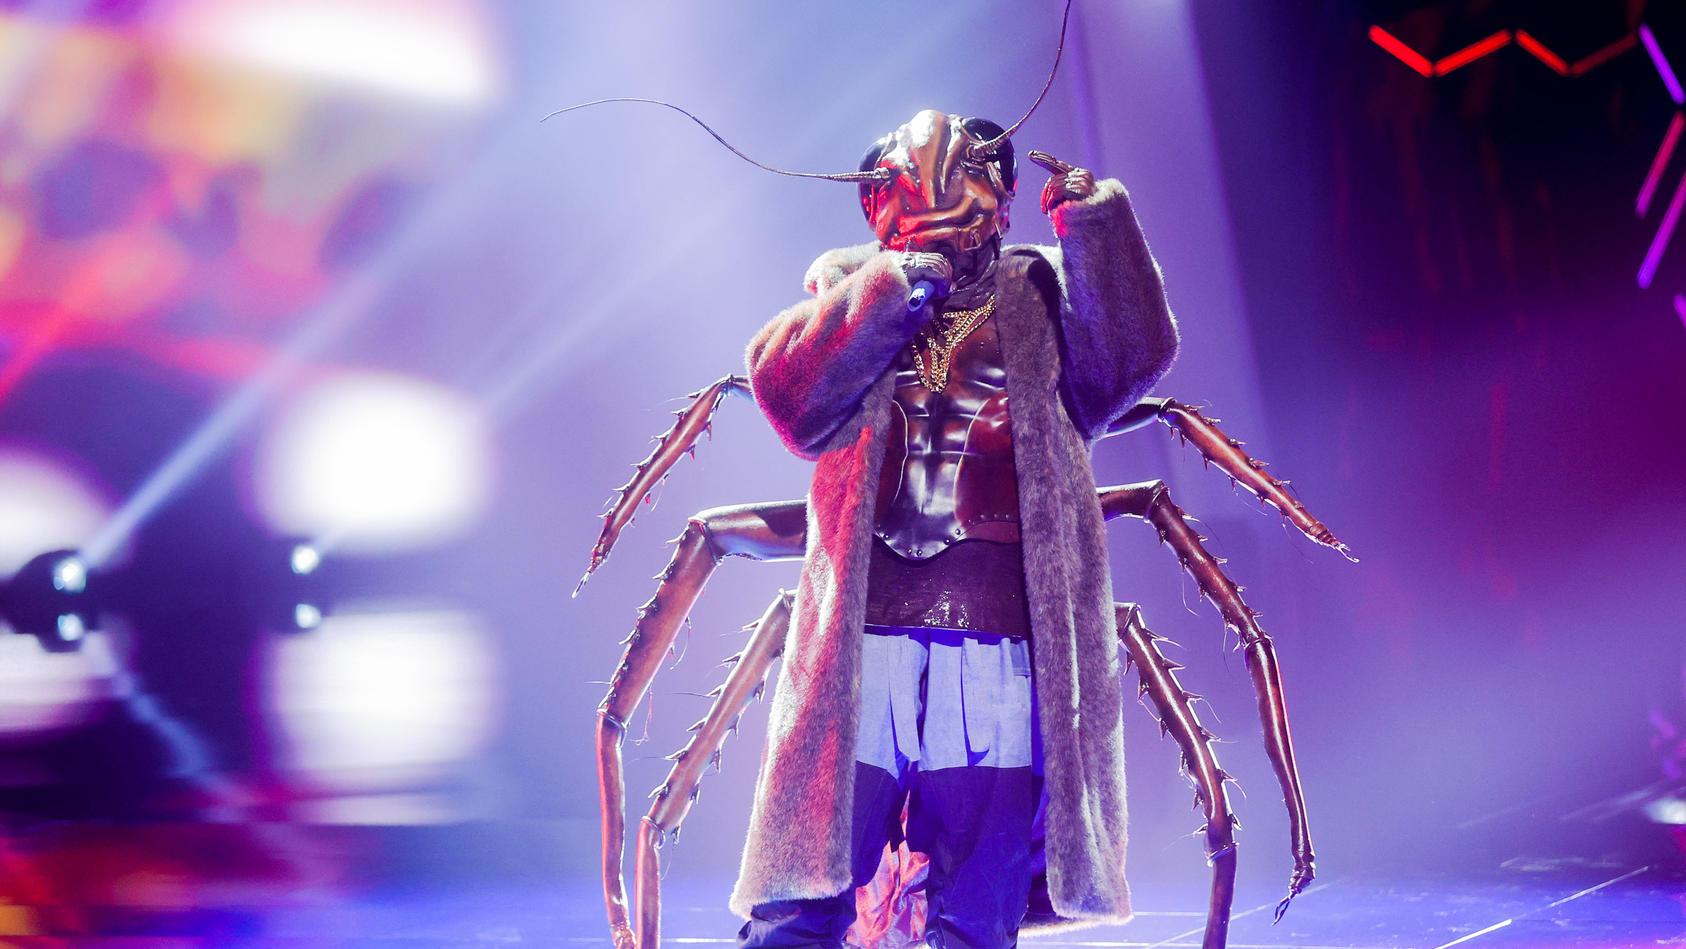 """Die """"Kakerlake"""" bei ihrem Auftritt in der Show """"The Masked Singer""""."""